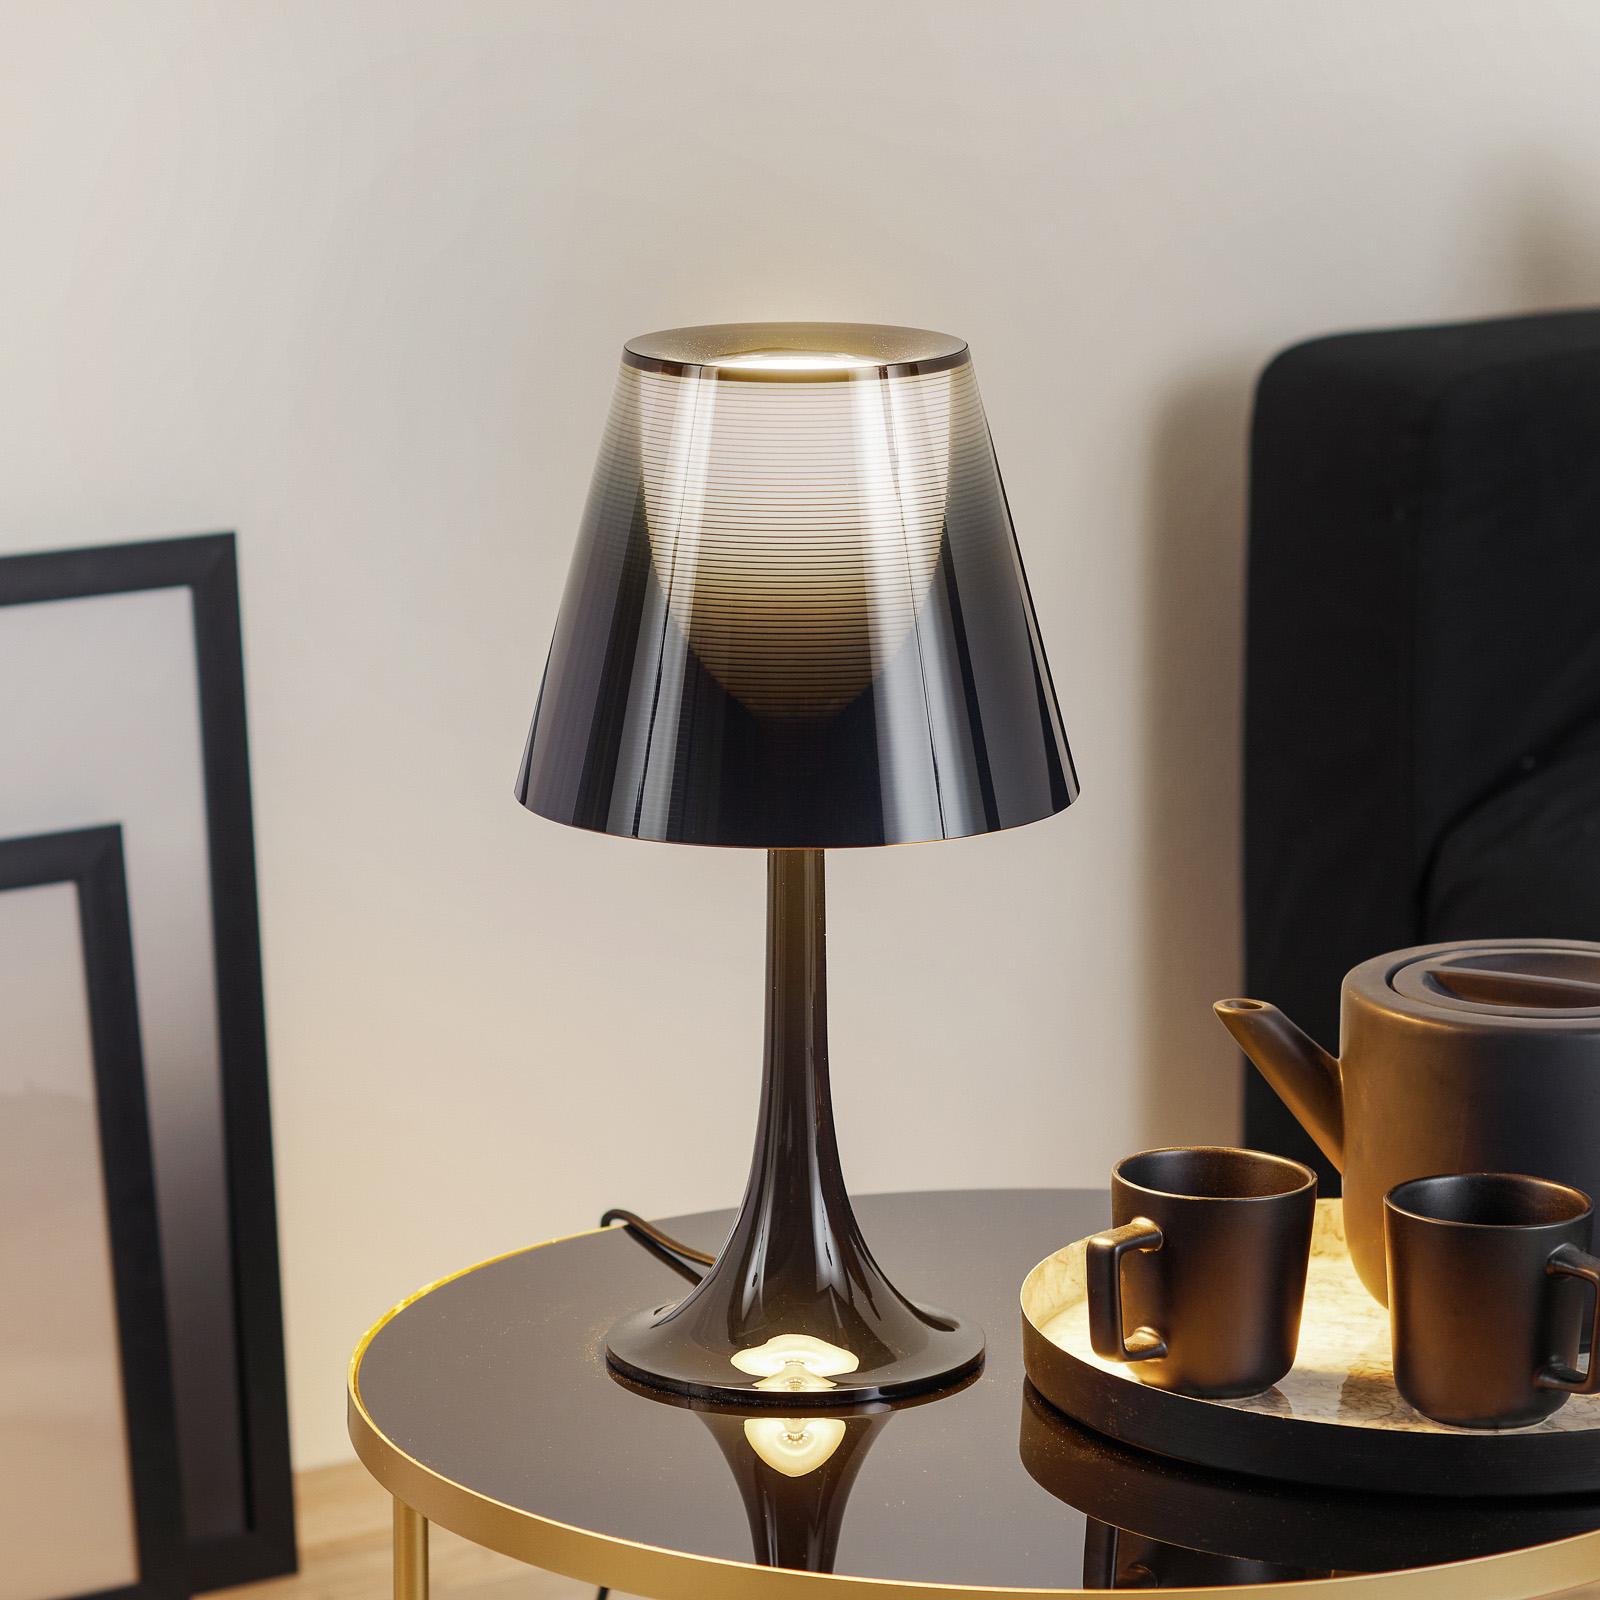 MISS K - straordinaria lampada da tavolo in nero